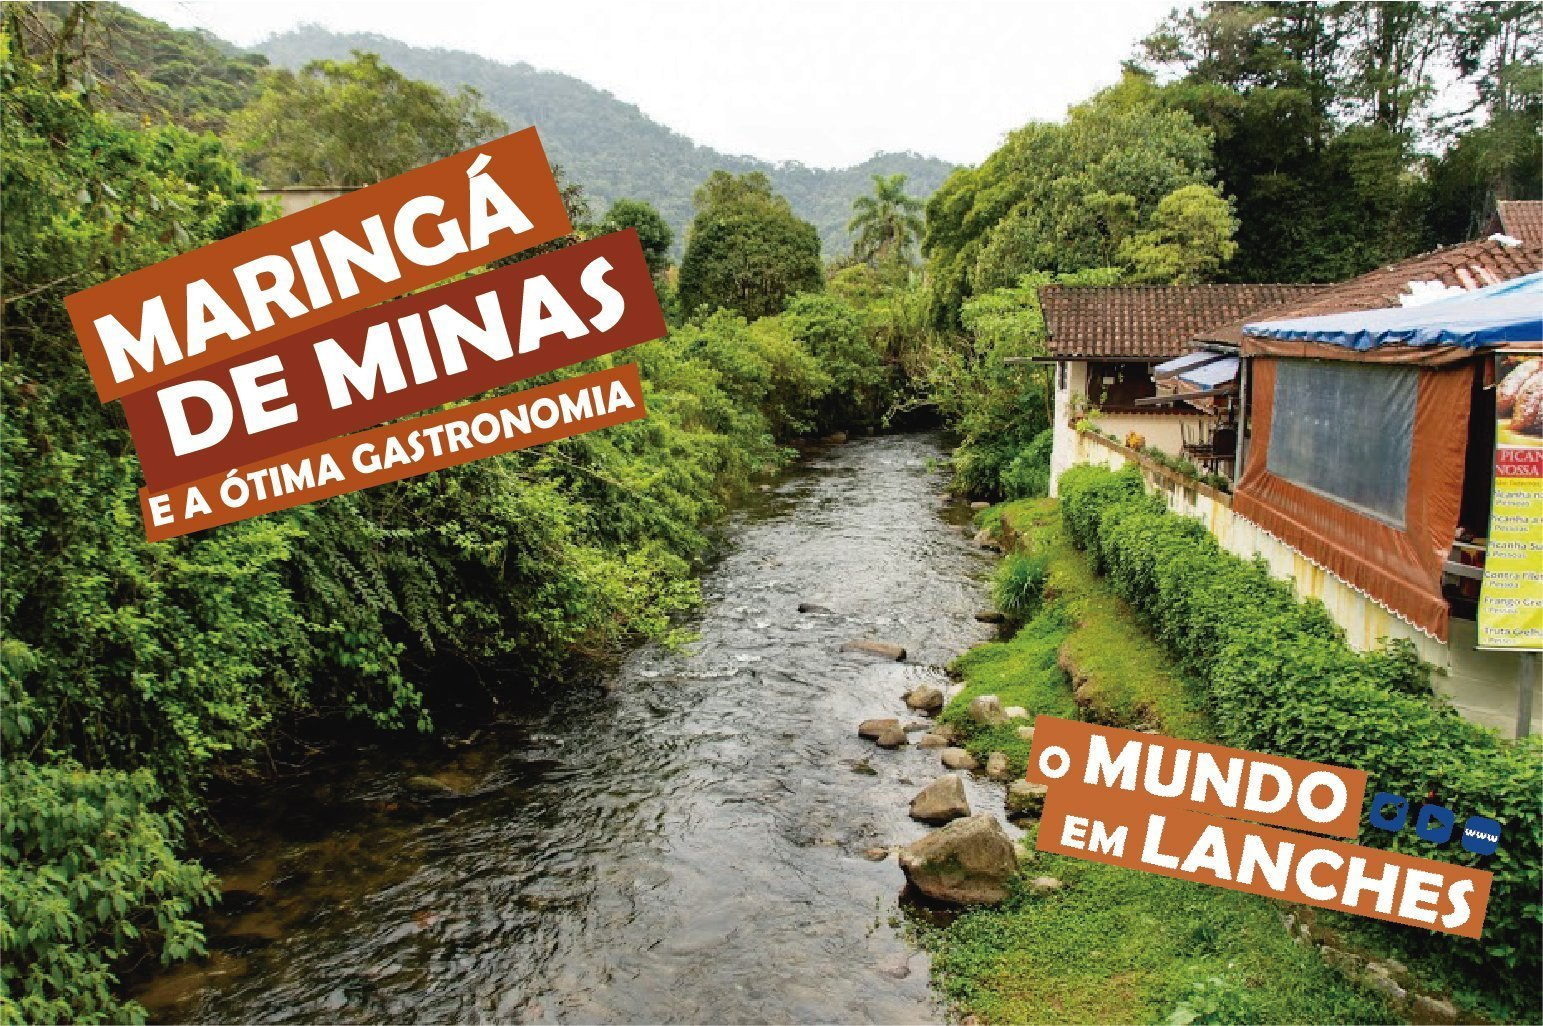 Maringá de Minas Gerais